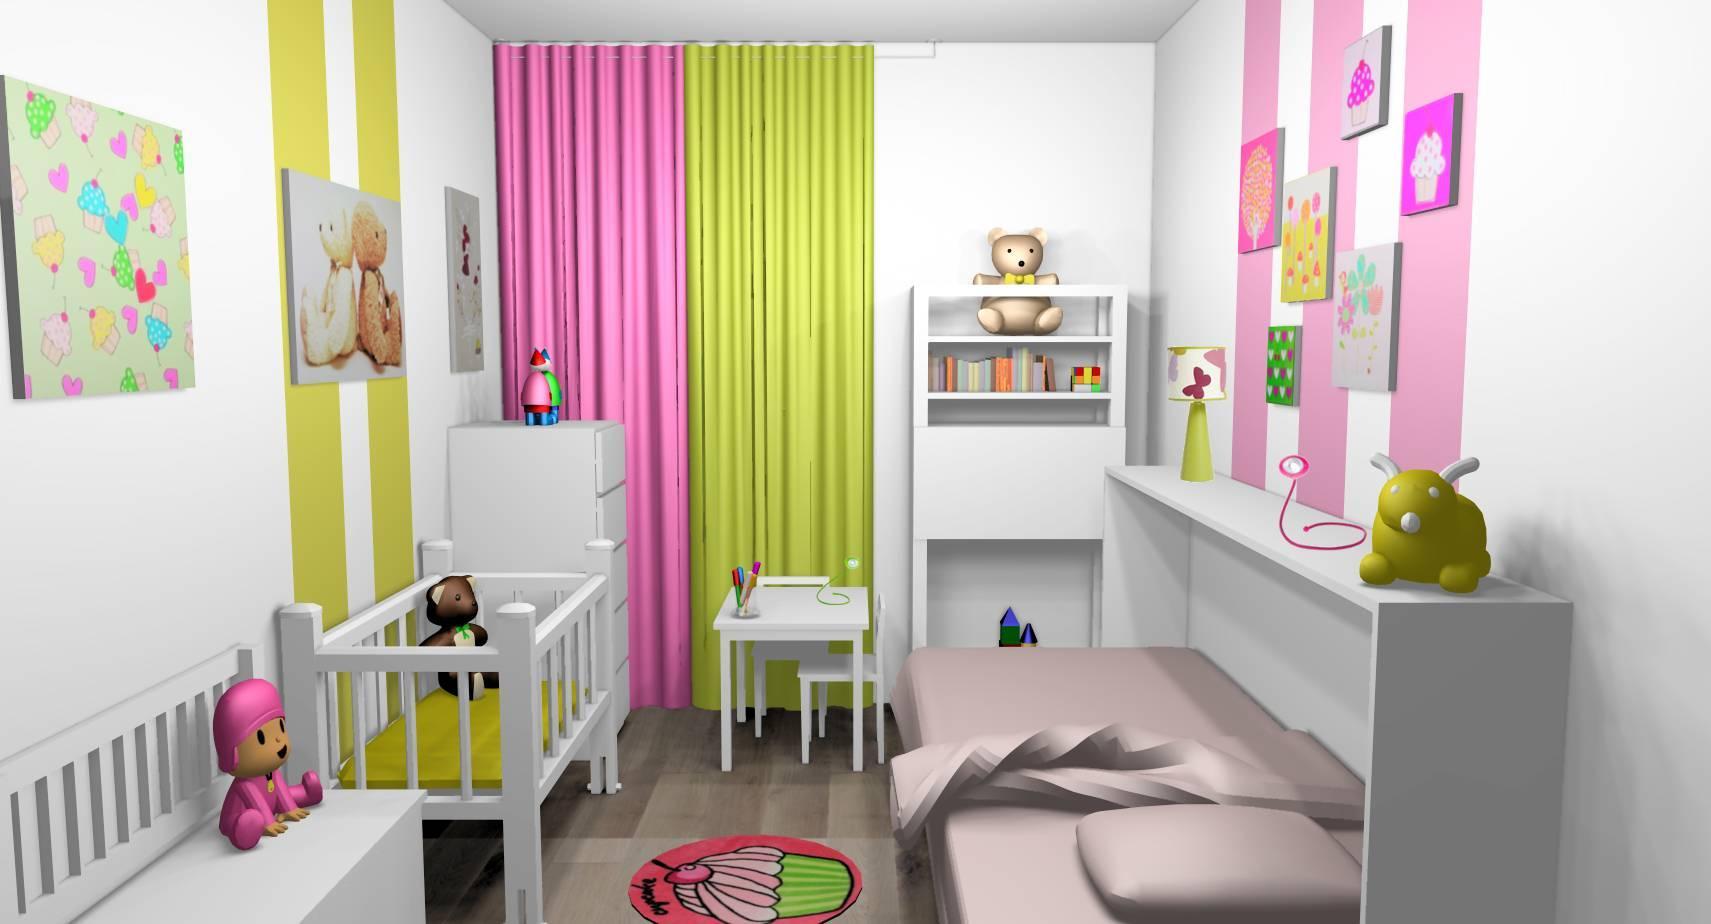 Idee Deco Chambre Mixte Fille Garcon - Idee Deco Chambre